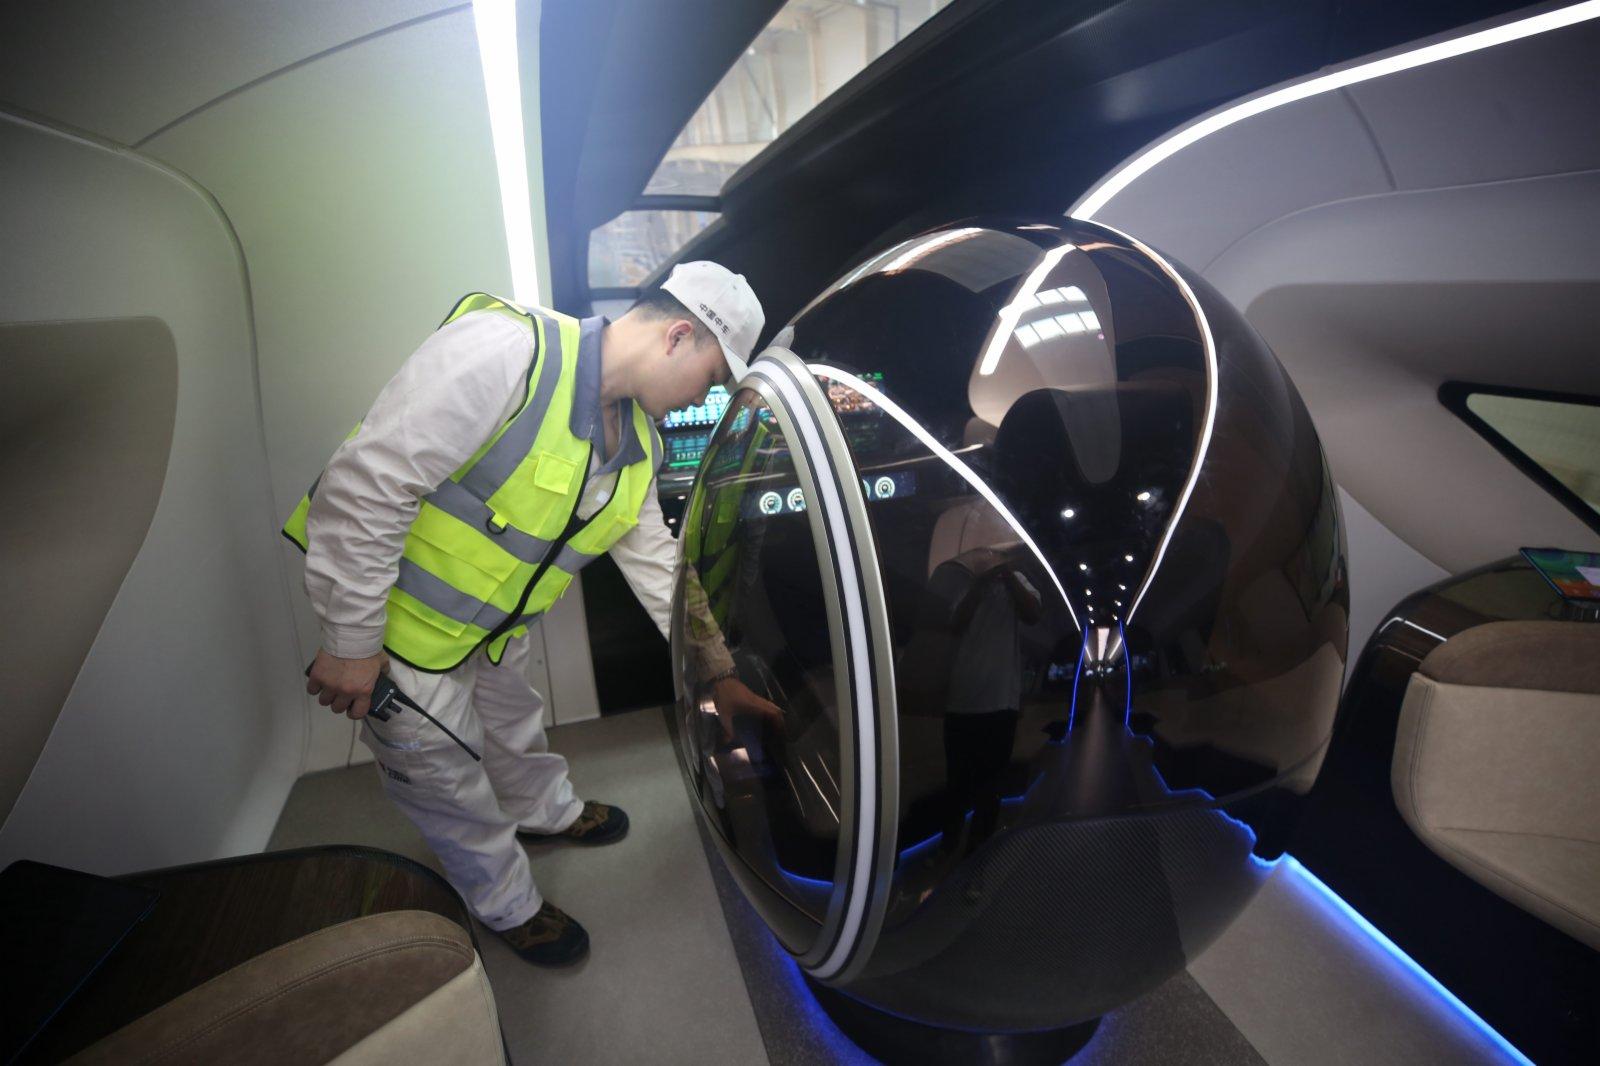 圖為技術人員在列車駕駛室進行設備操作演示。